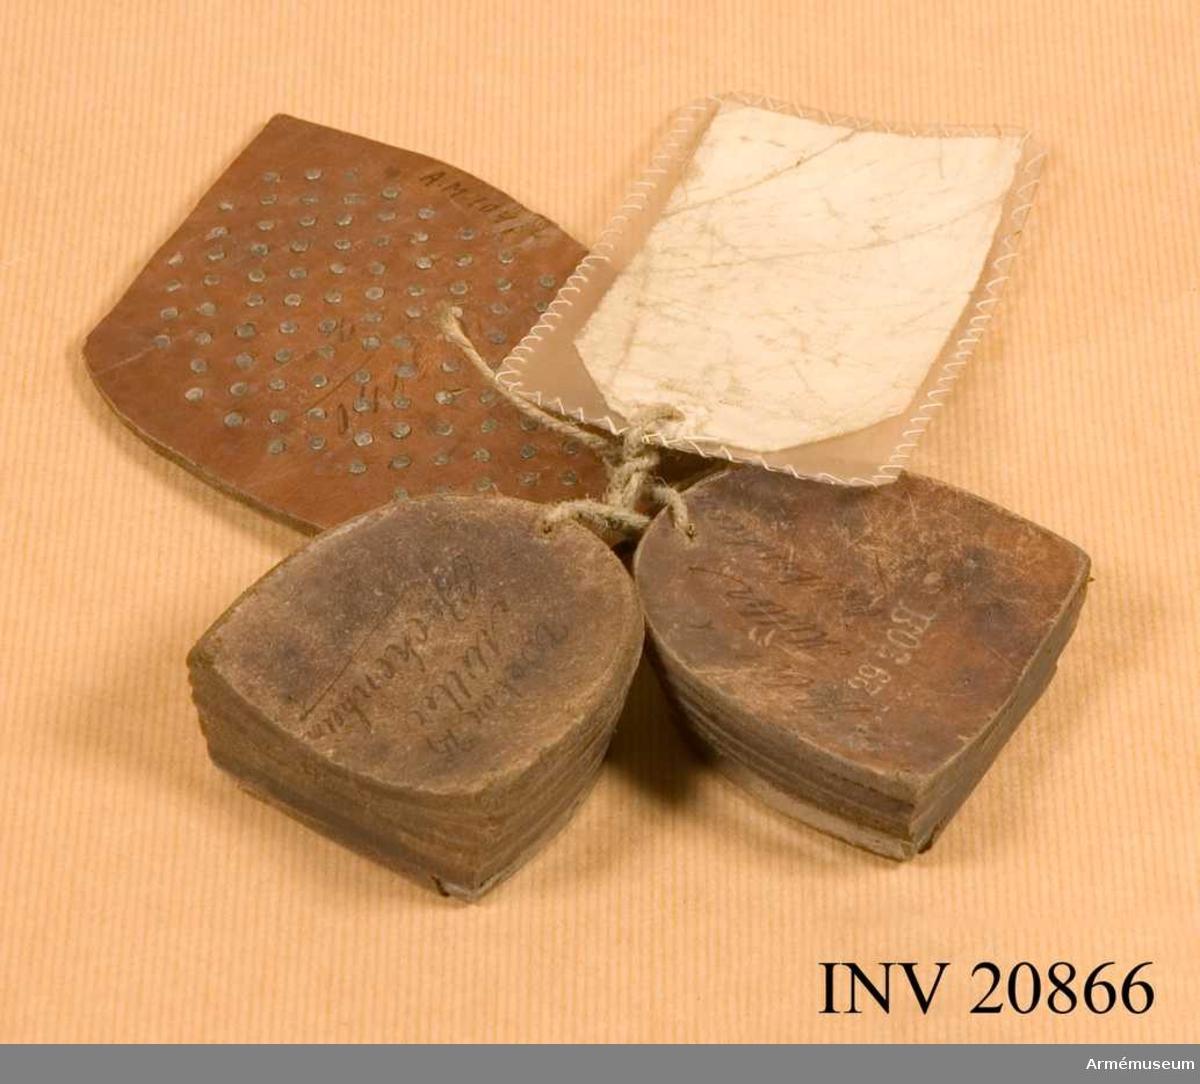 Grupp C II Tillverkare: VRO. Ett par skoklackar och en med stift beslagen skosula.